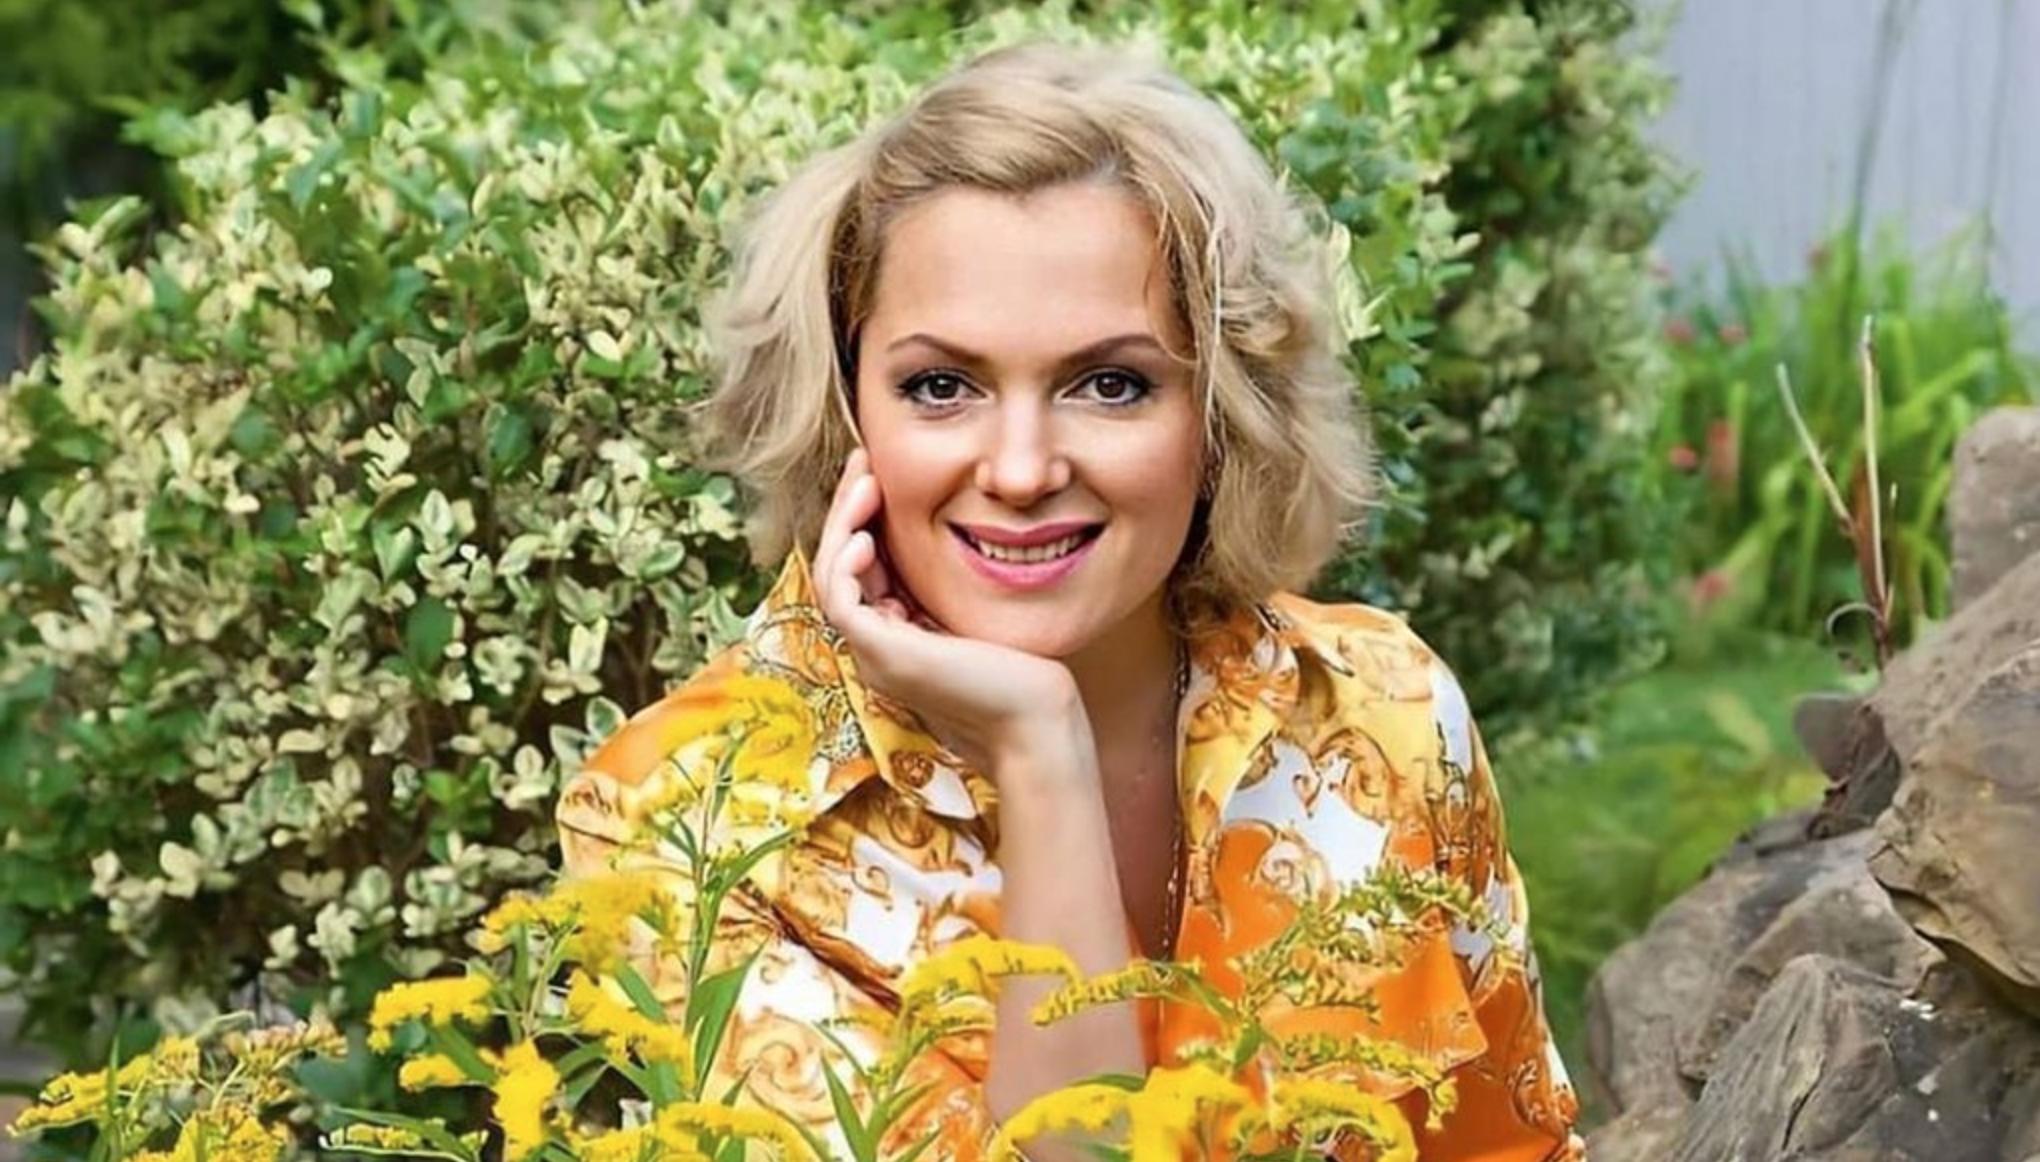 Мария Порошина: муж, дети. Личная жизнь. Биография актрисы